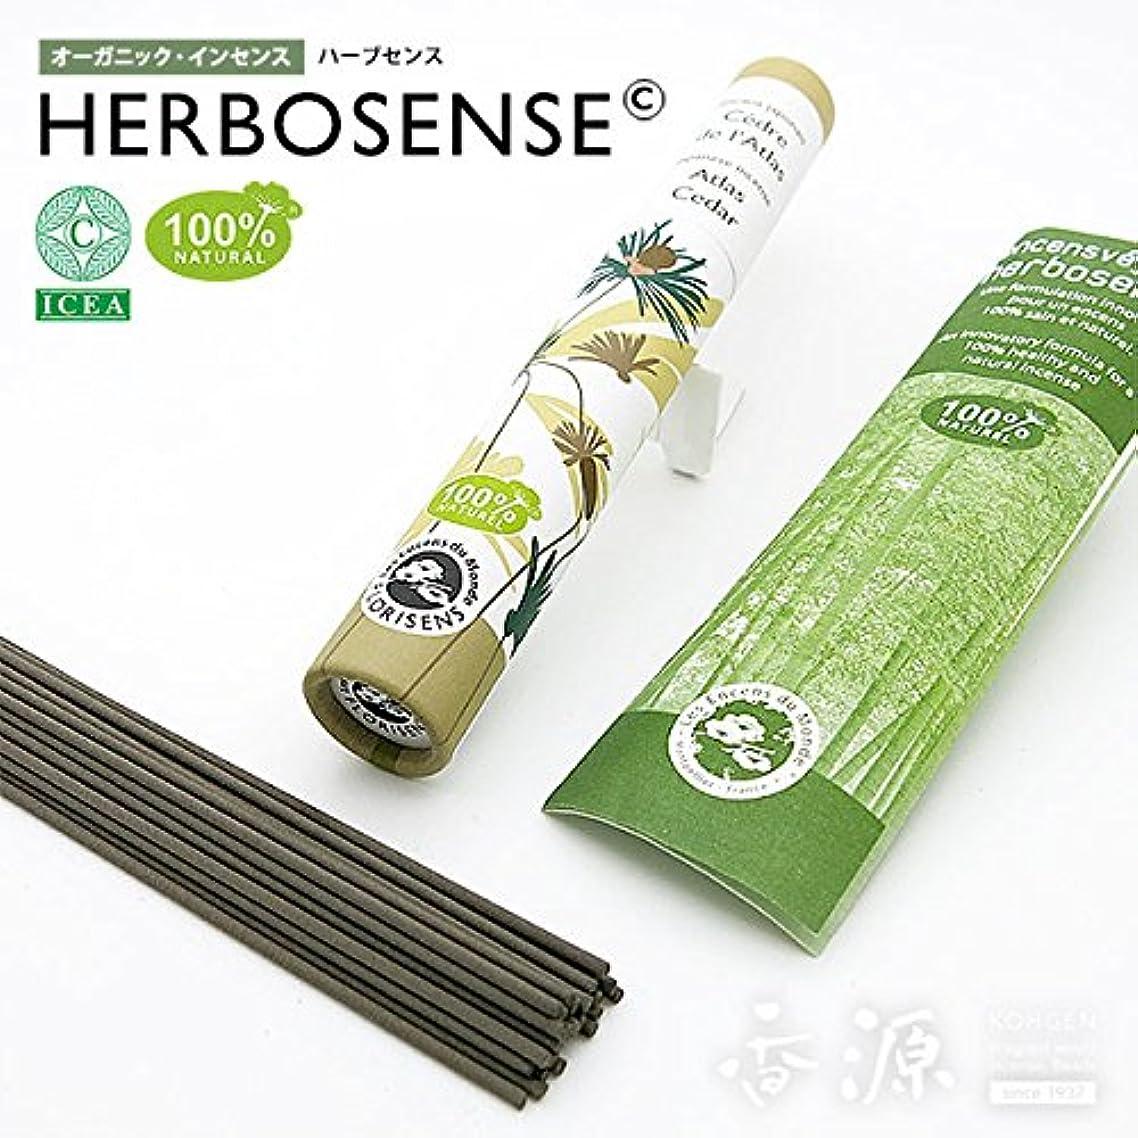 ヤングシャーロットブロンテラグ薫寿堂のお香 ハーブセンス アトラスセダー